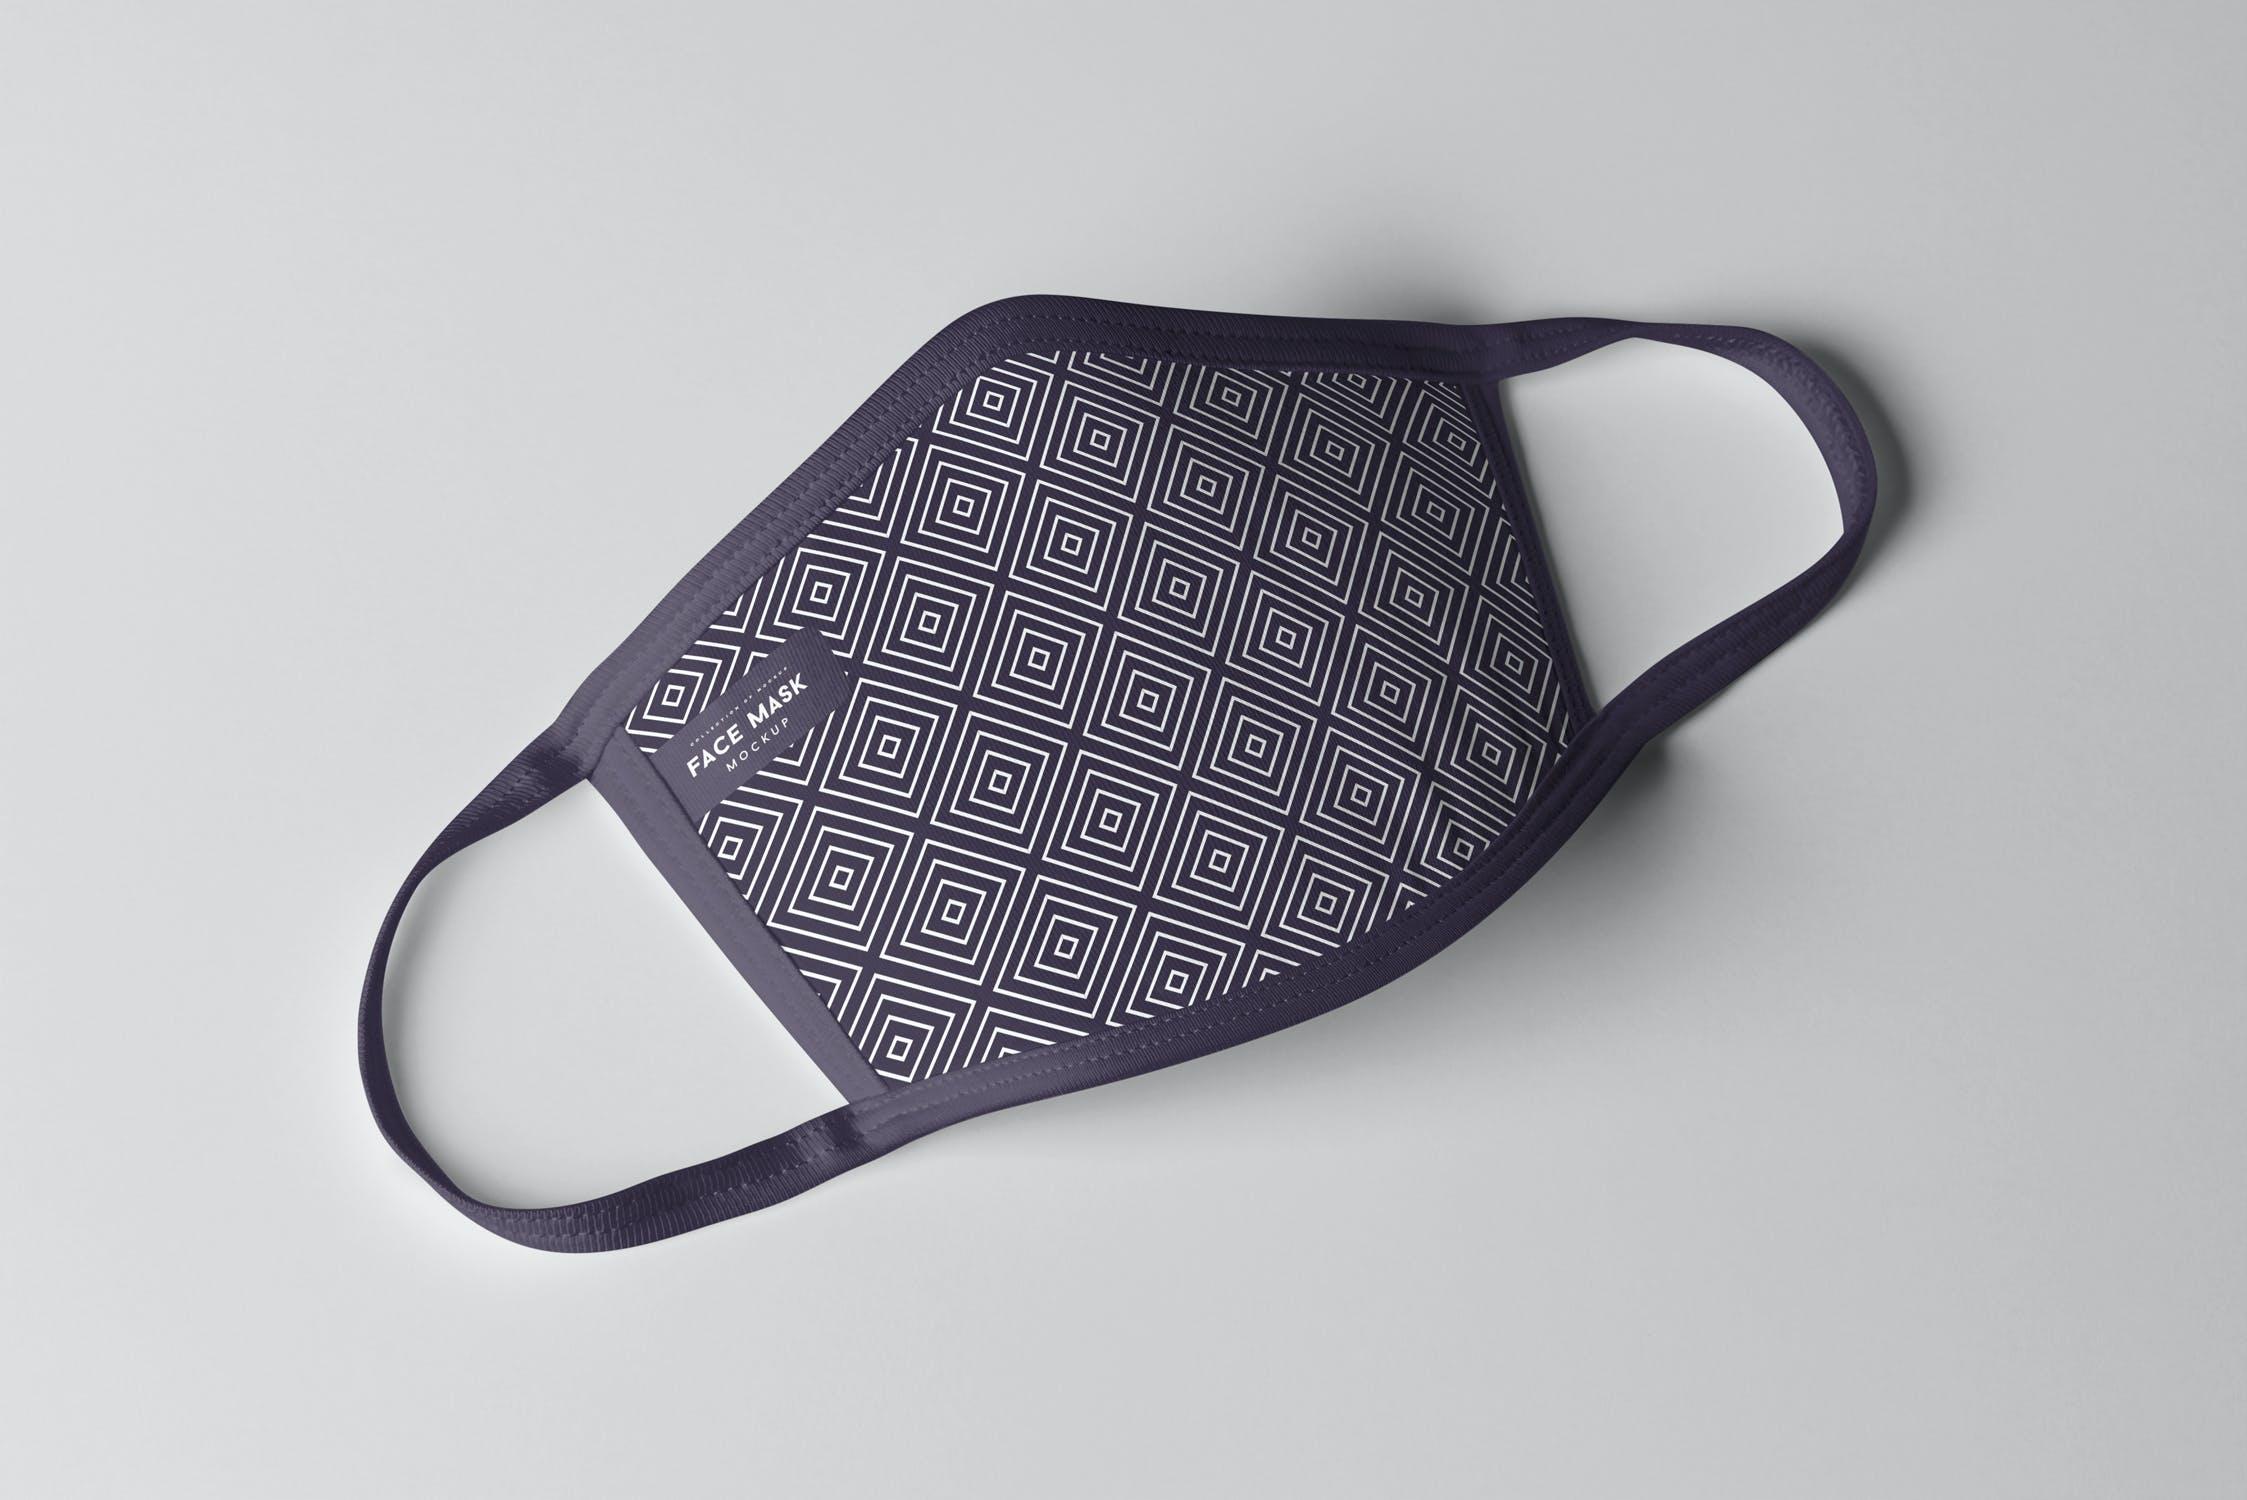 8款防护面罩口罩印花设计展示样机PSD模板 Face Mask Mockup插图(3)